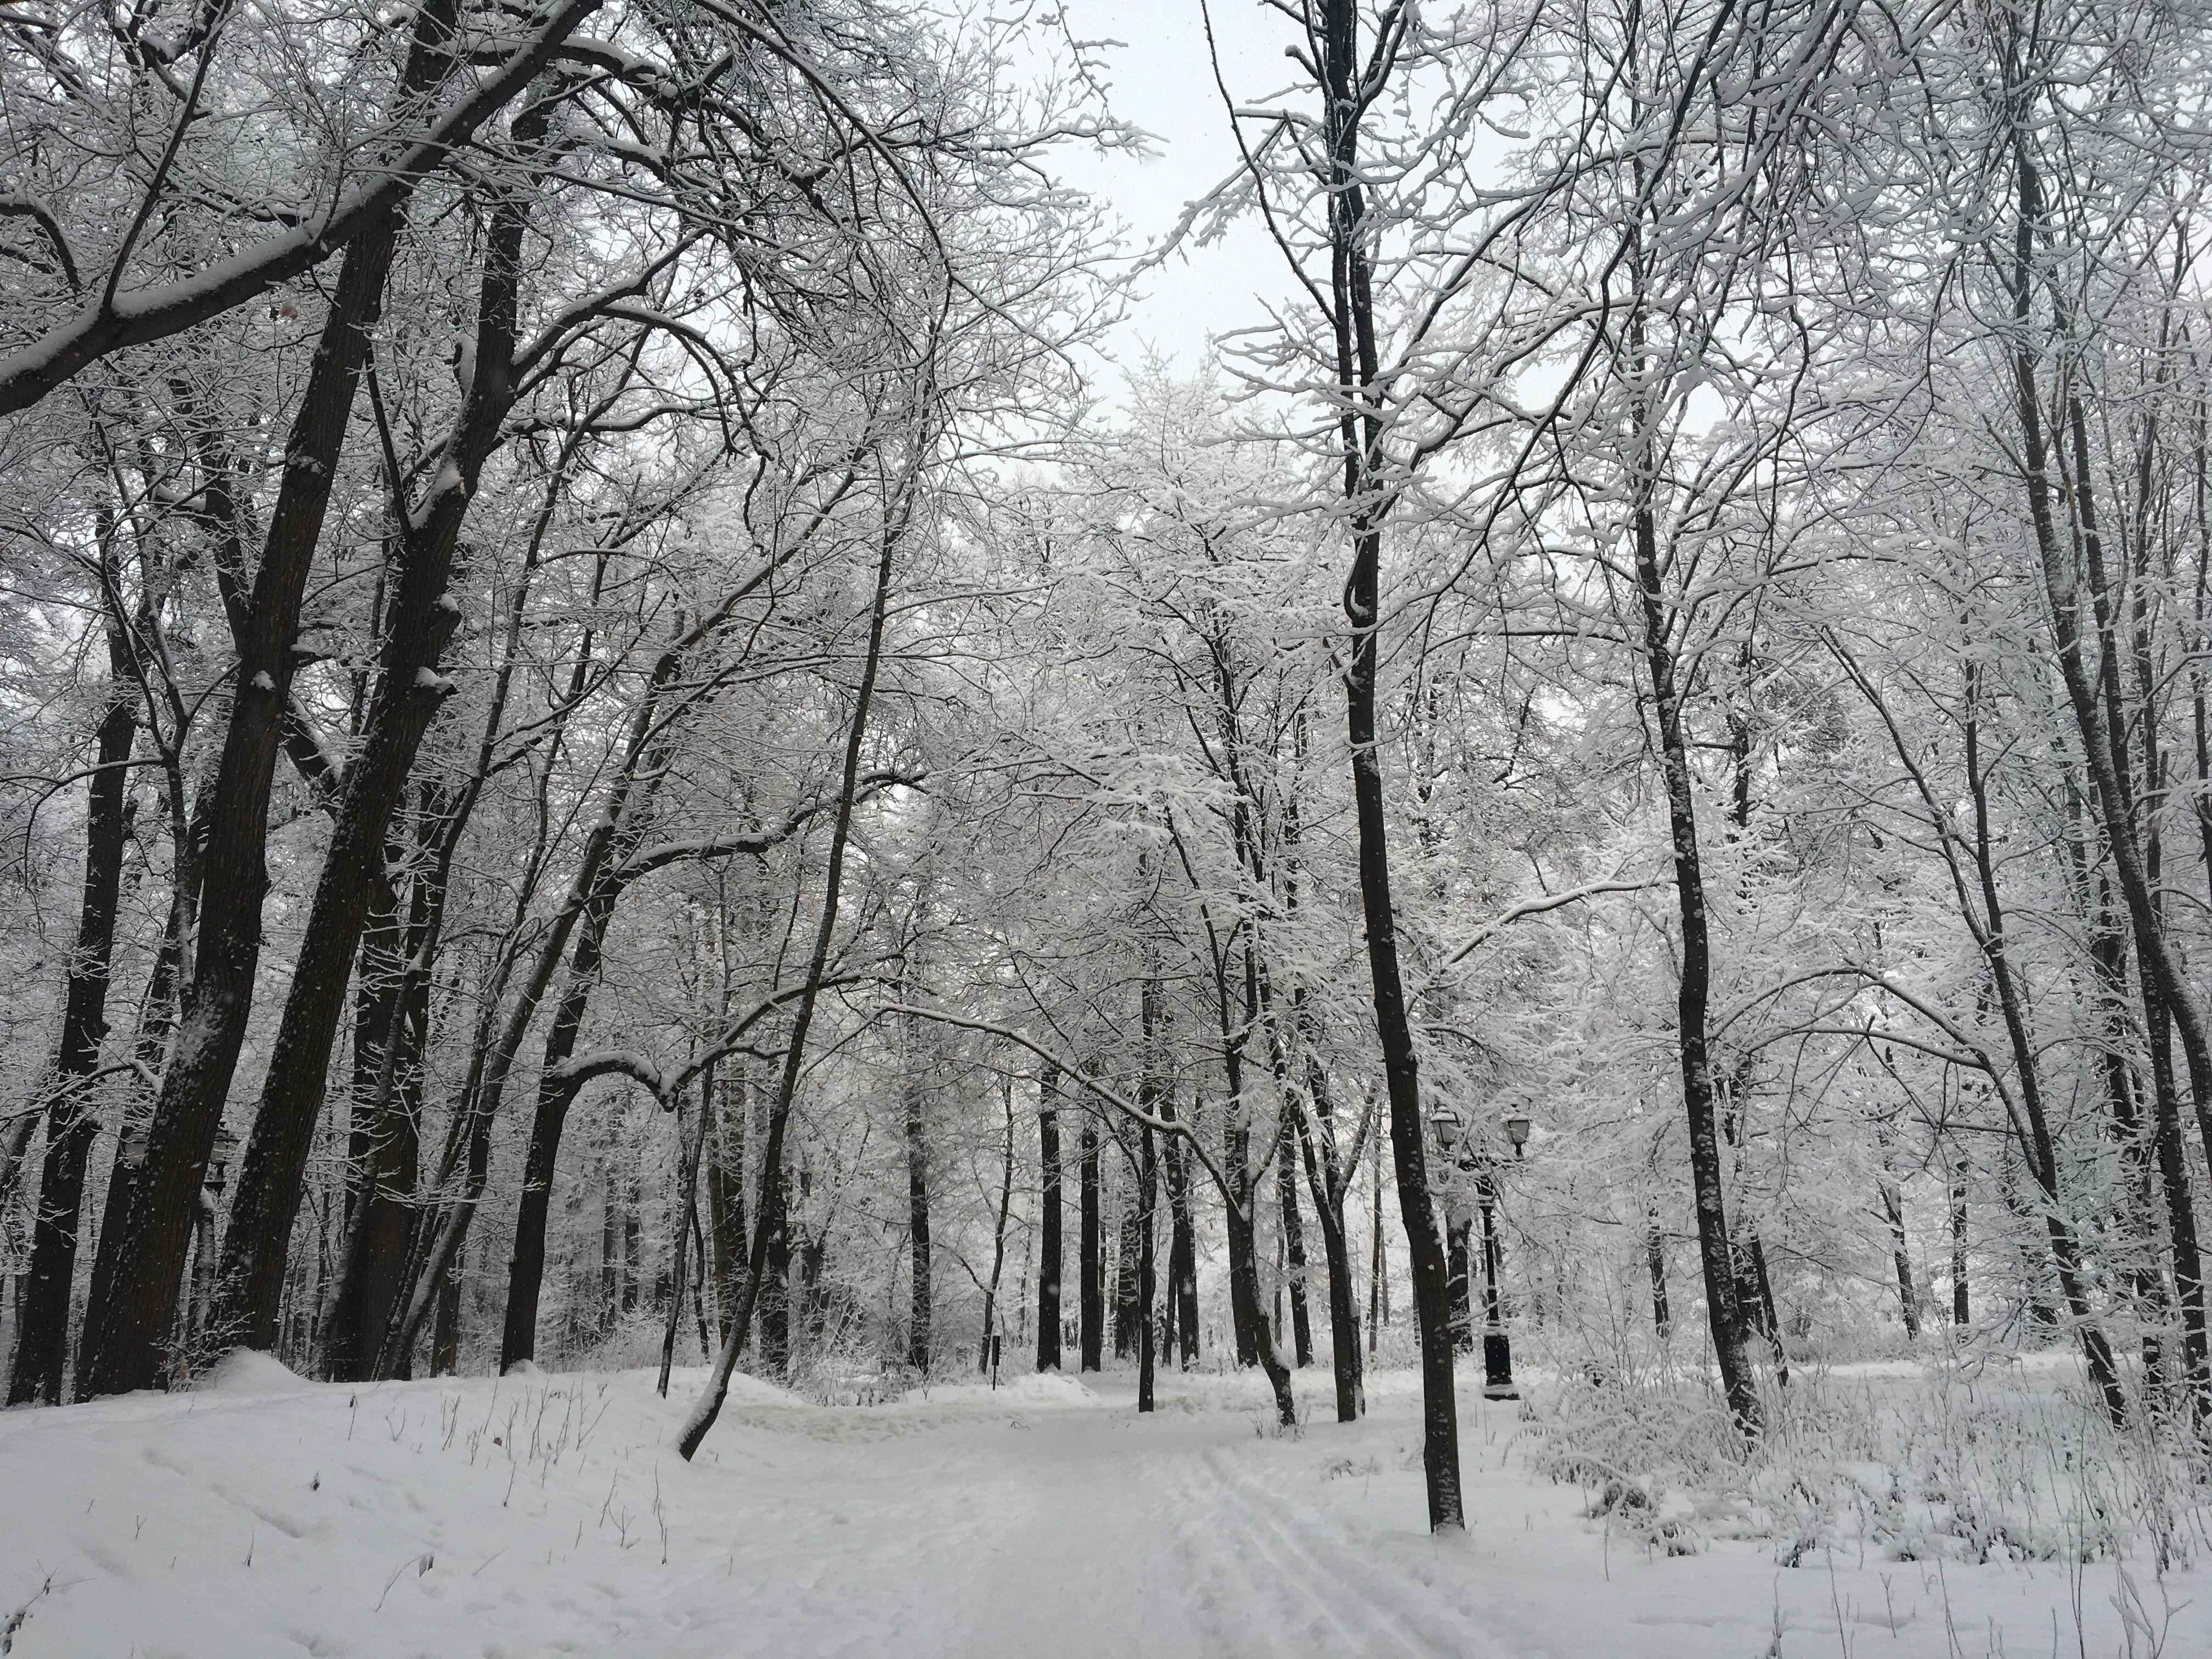 Озеленение территории хутора Ильичевка проведут в весенний период 2019 года